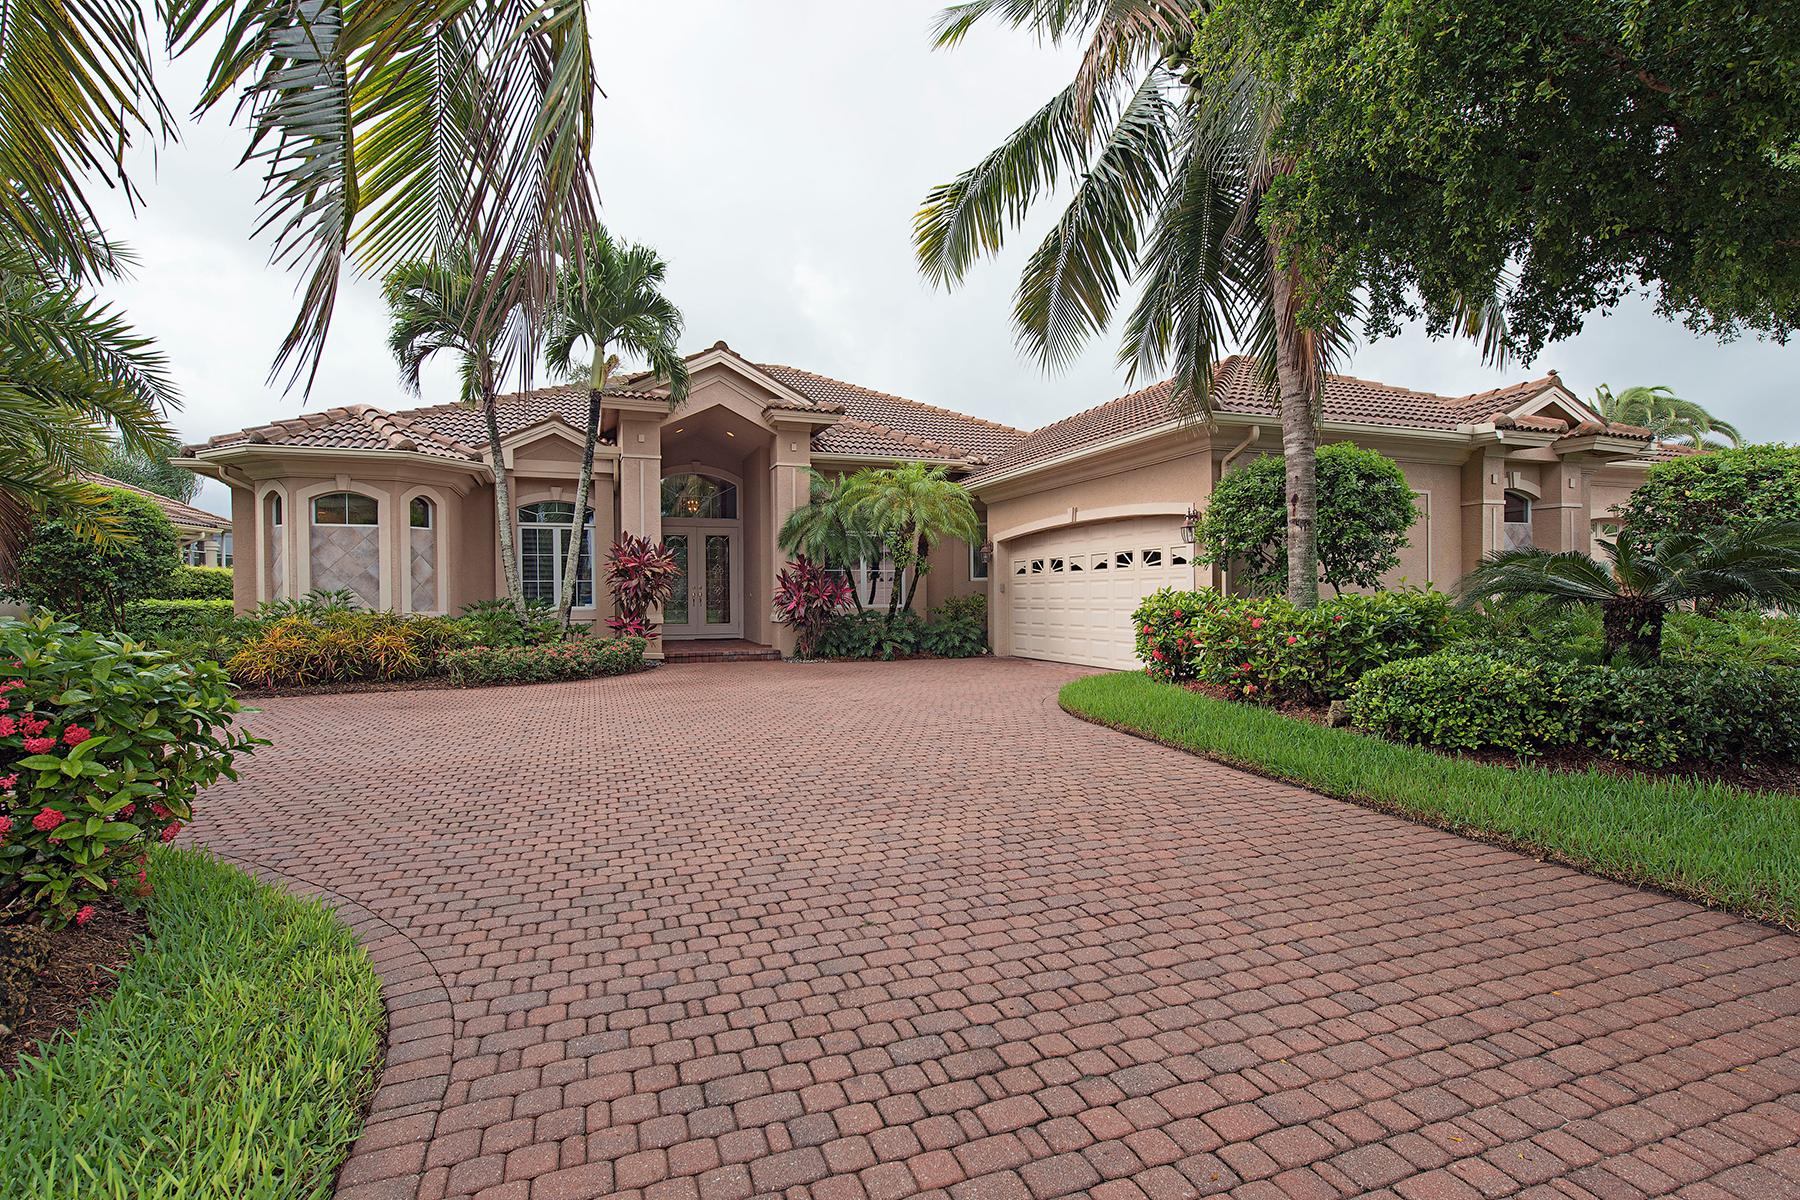 Villa per Vendita alle ore The Strand 5970 Amberwood Dr Naples, Florida, 34110 Stati Uniti